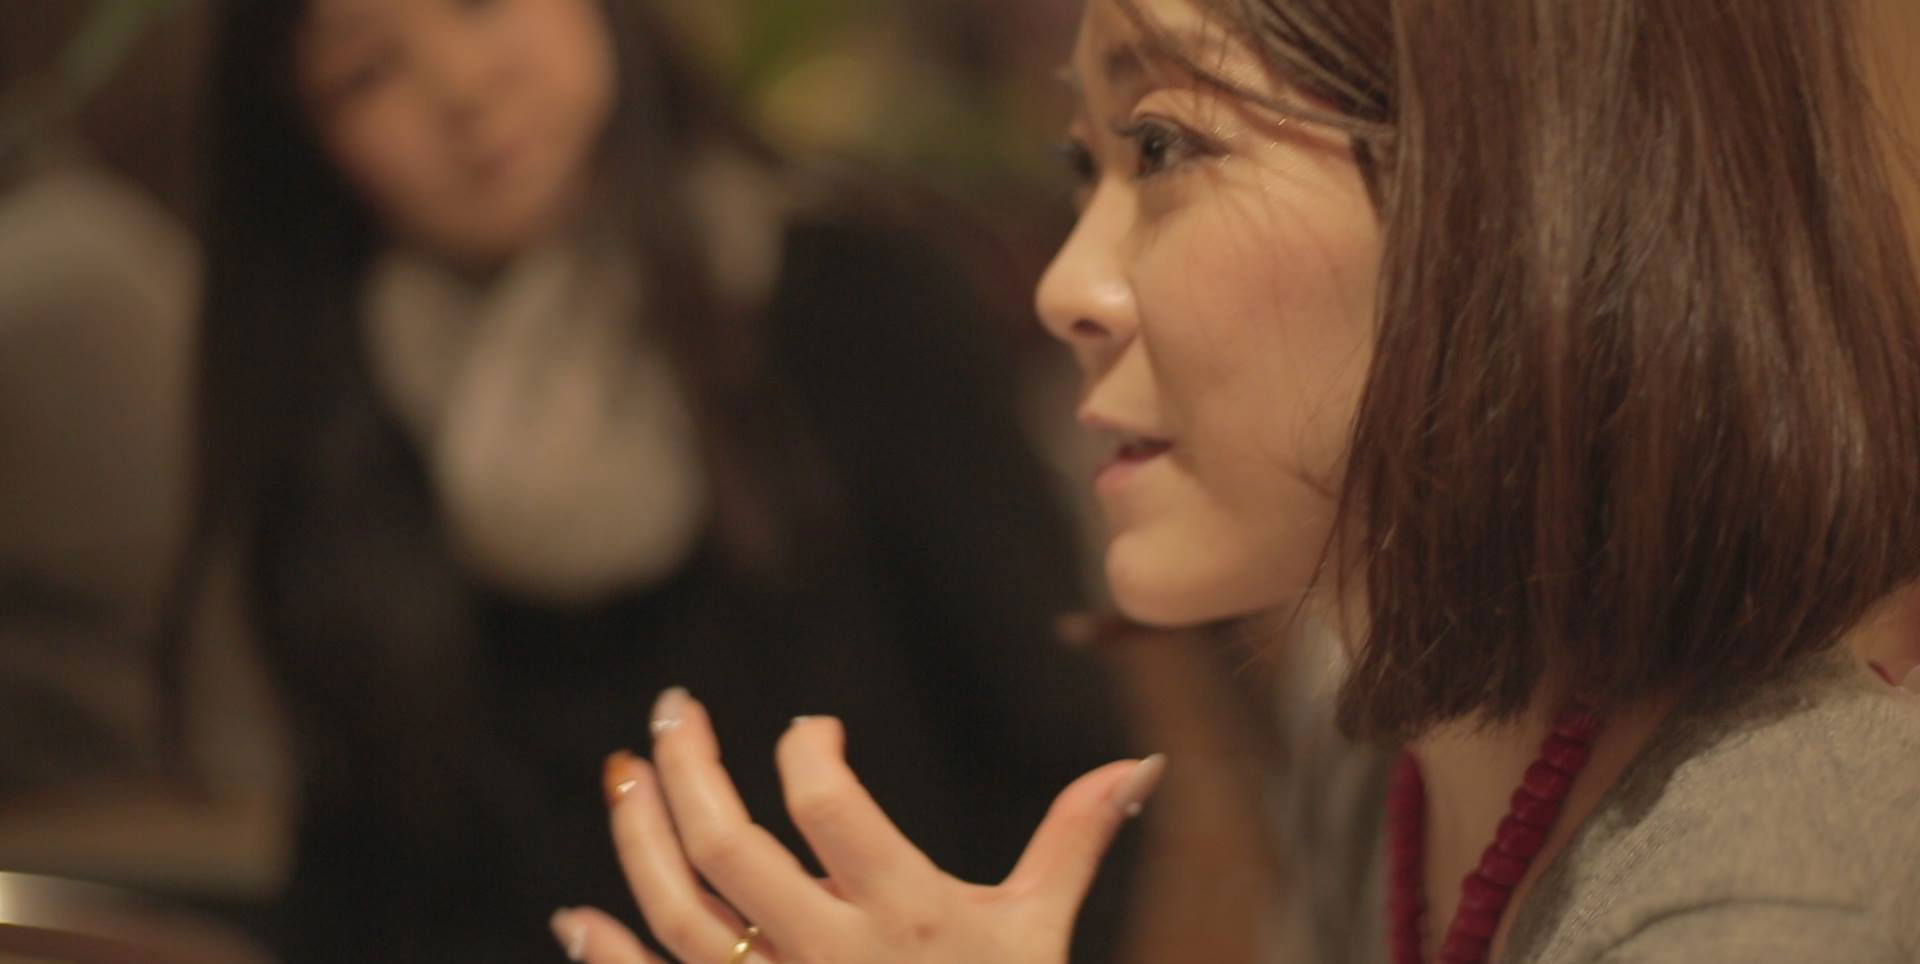 無言のサインは伝わらない? 言葉に出して伝える勇気を | 柳澤由香のblog #004